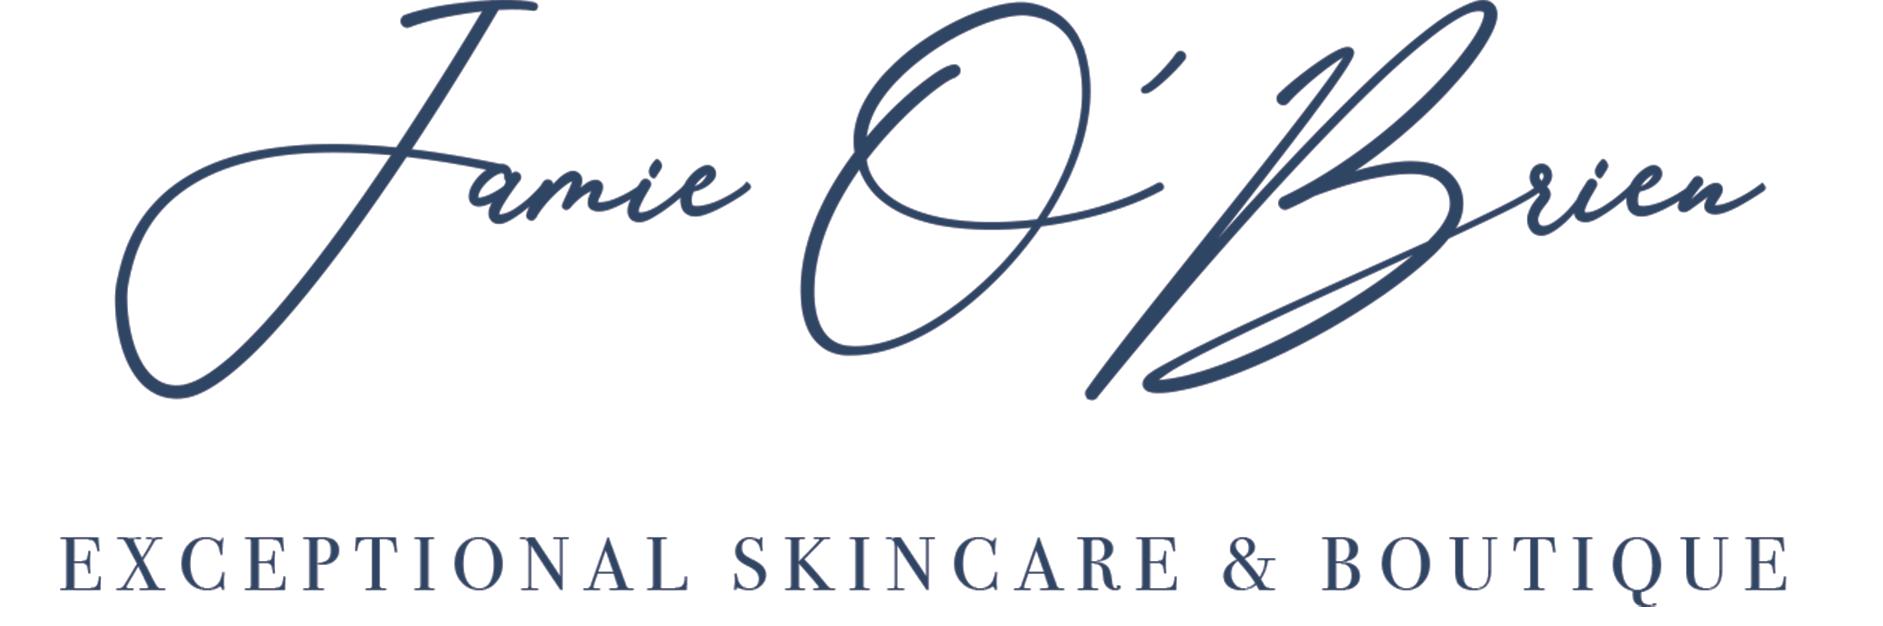 Jamie O'Brien Skincare